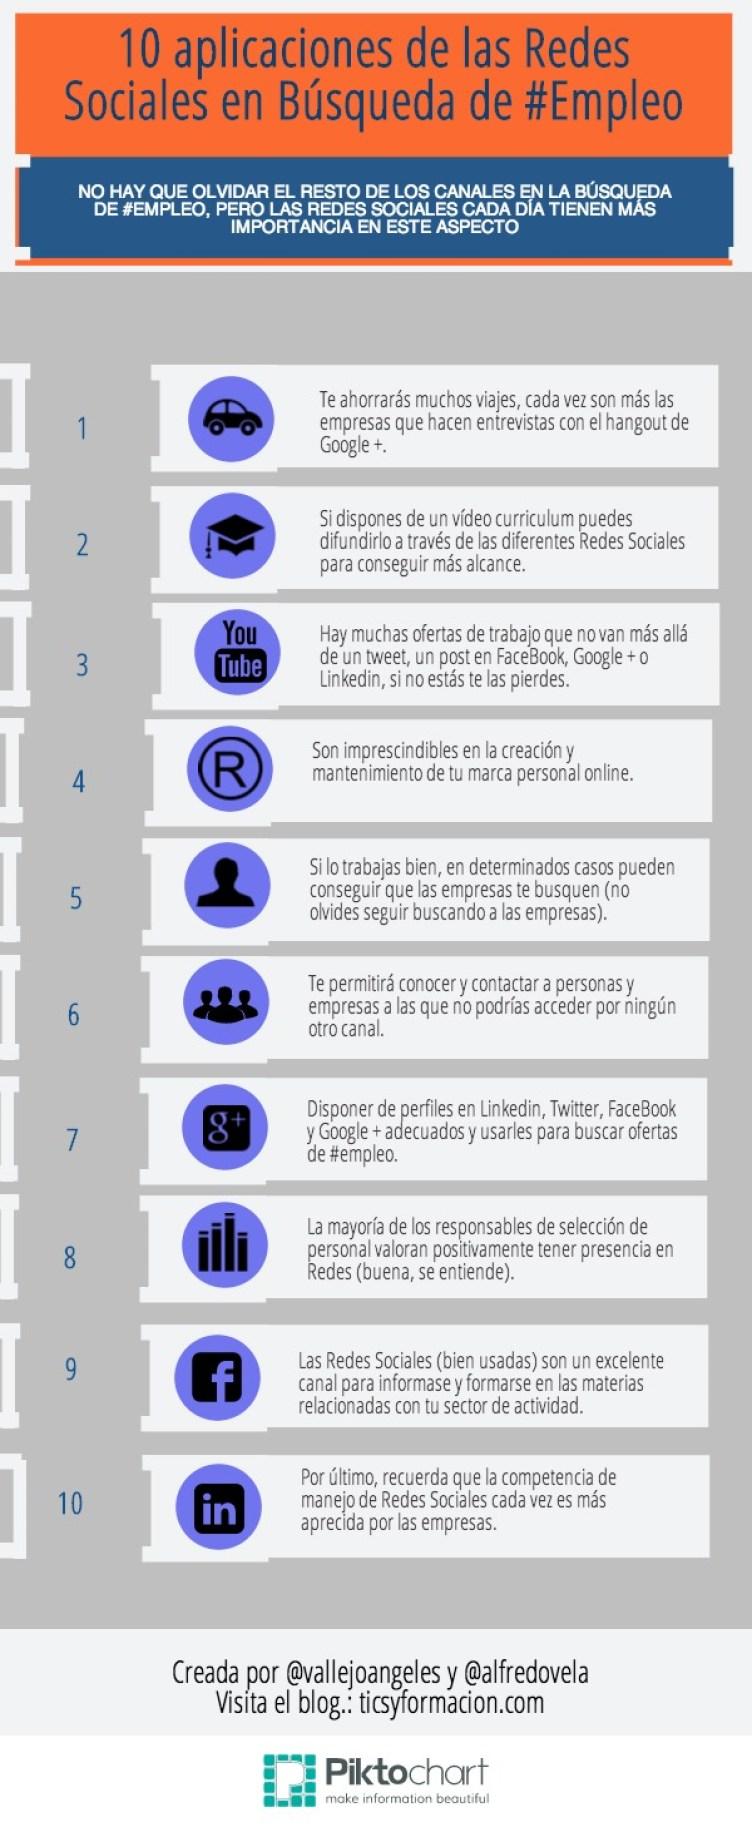 10 aplicaciones de las Redes Sociales en la búsqueda de #empleo